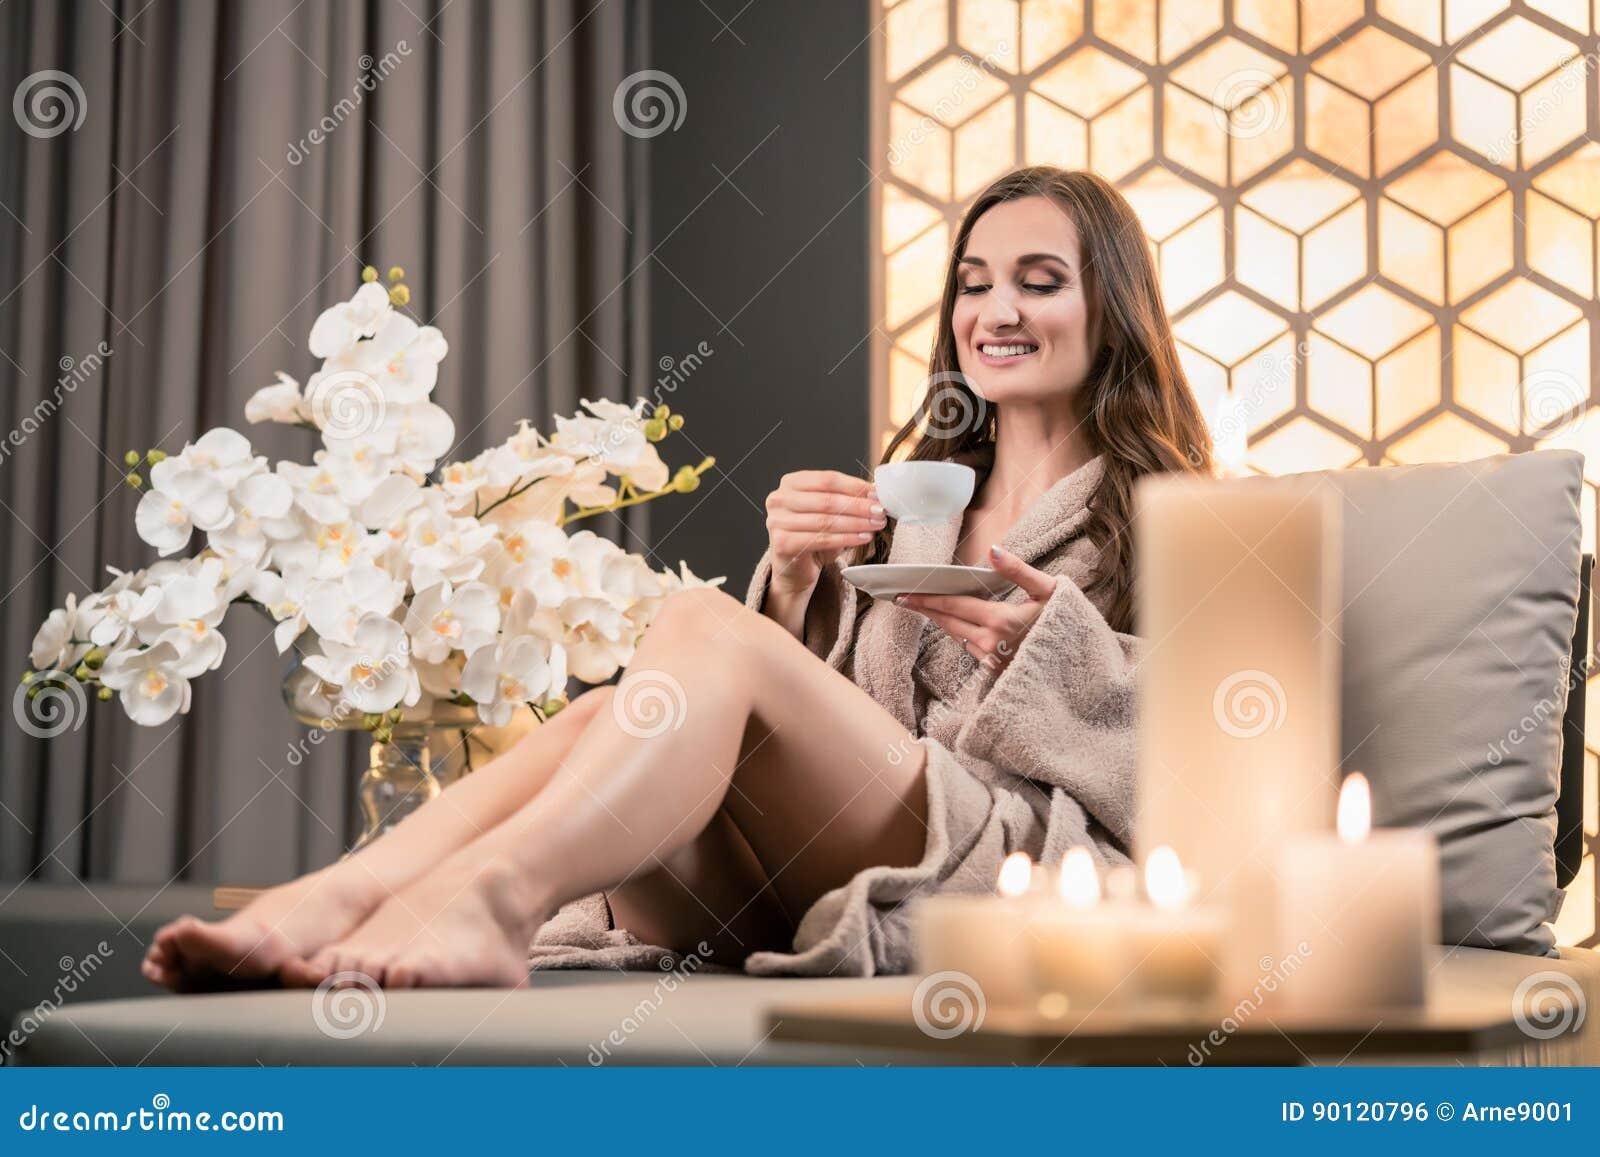 Tisana bebendo da jovem mulher relaxado antes do tratamento dos termas